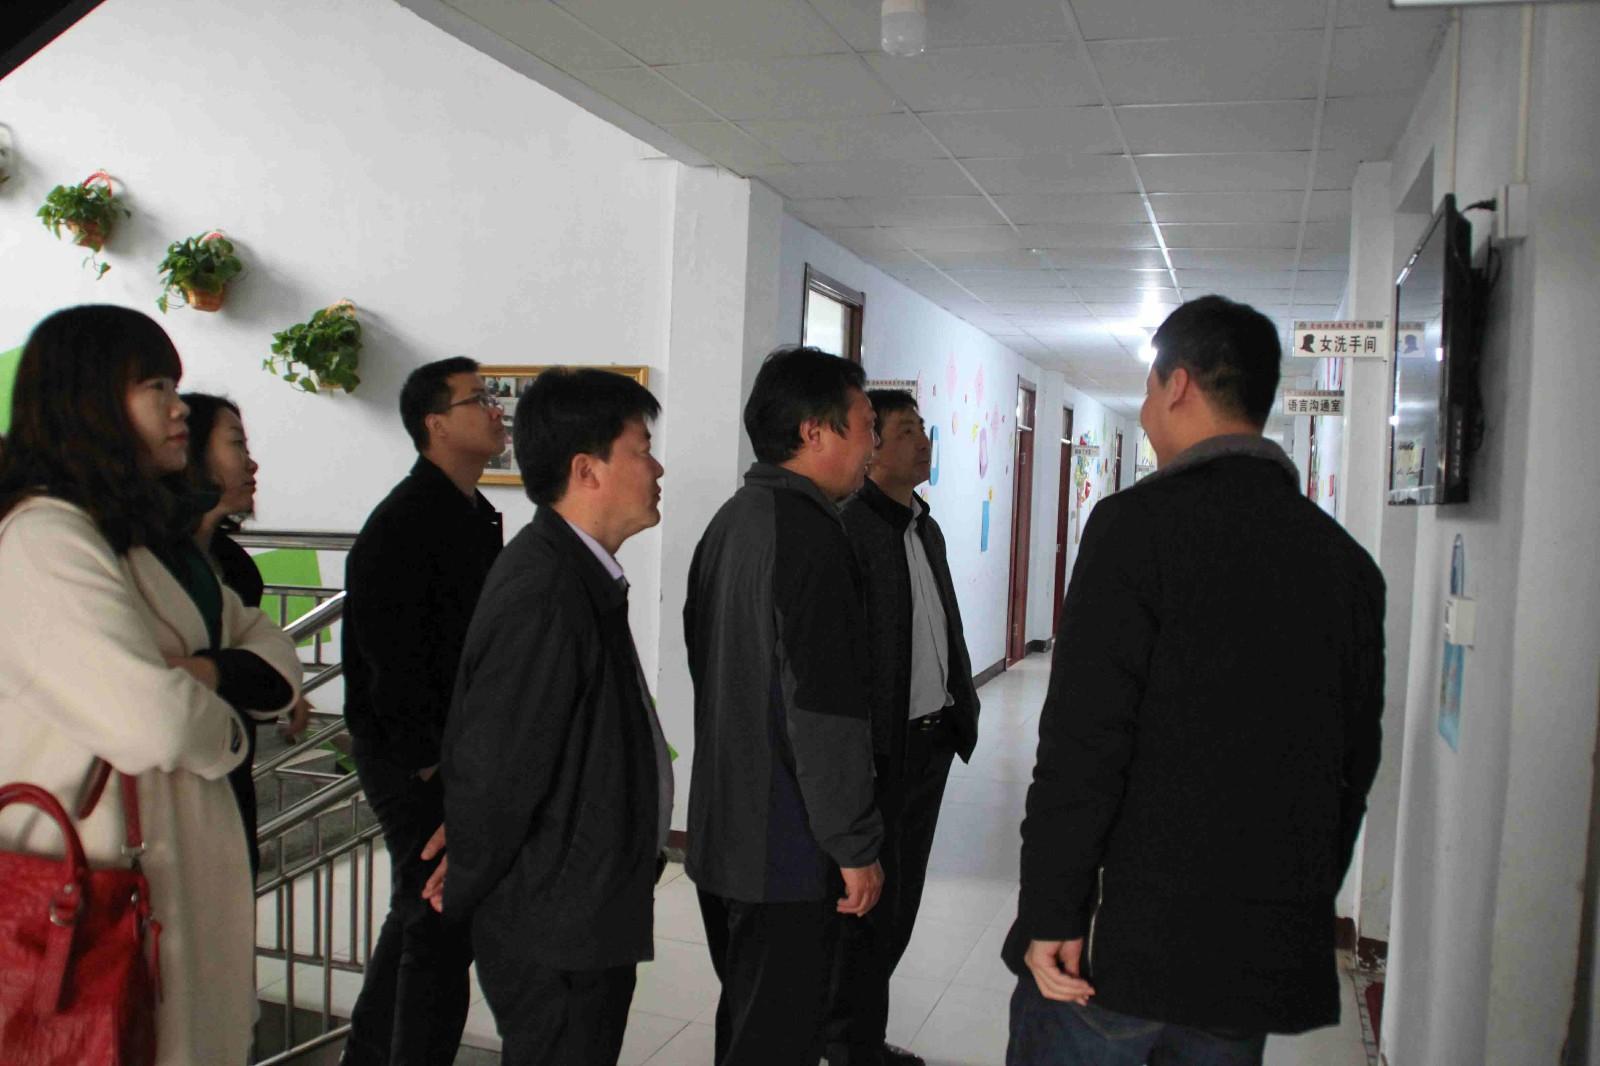 邯山区教育局郭风江科长等领导来我校进行全方面的工作指导|爱诺动态-爱诺自闭症康复培训学校